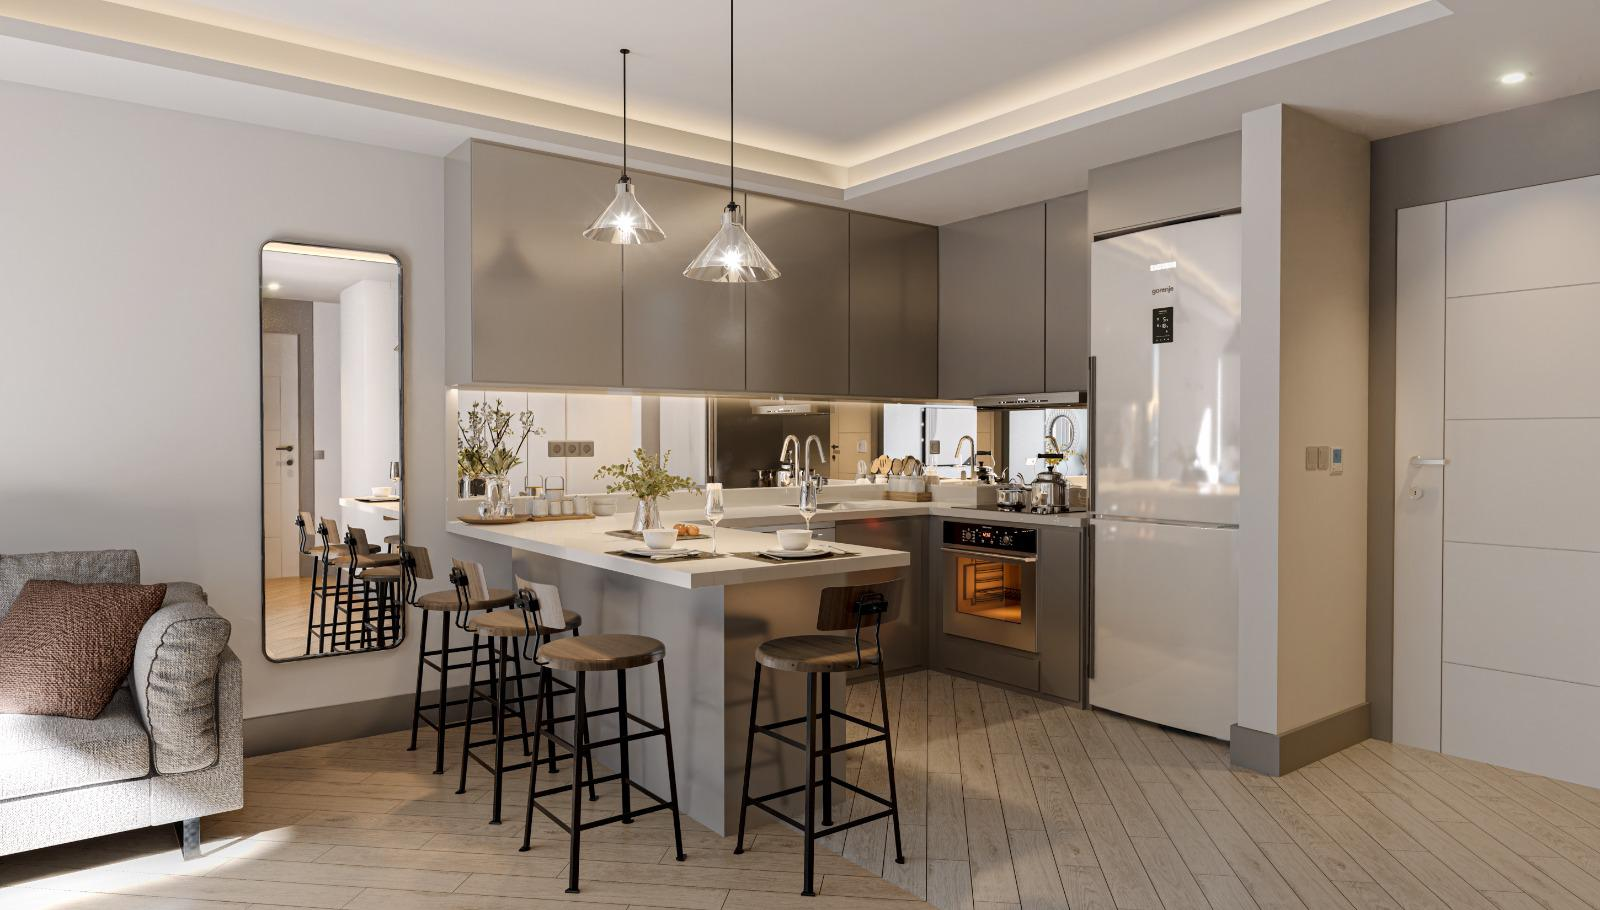 Инвестиционный проект жилого комплекса в Анталье - Фото 6